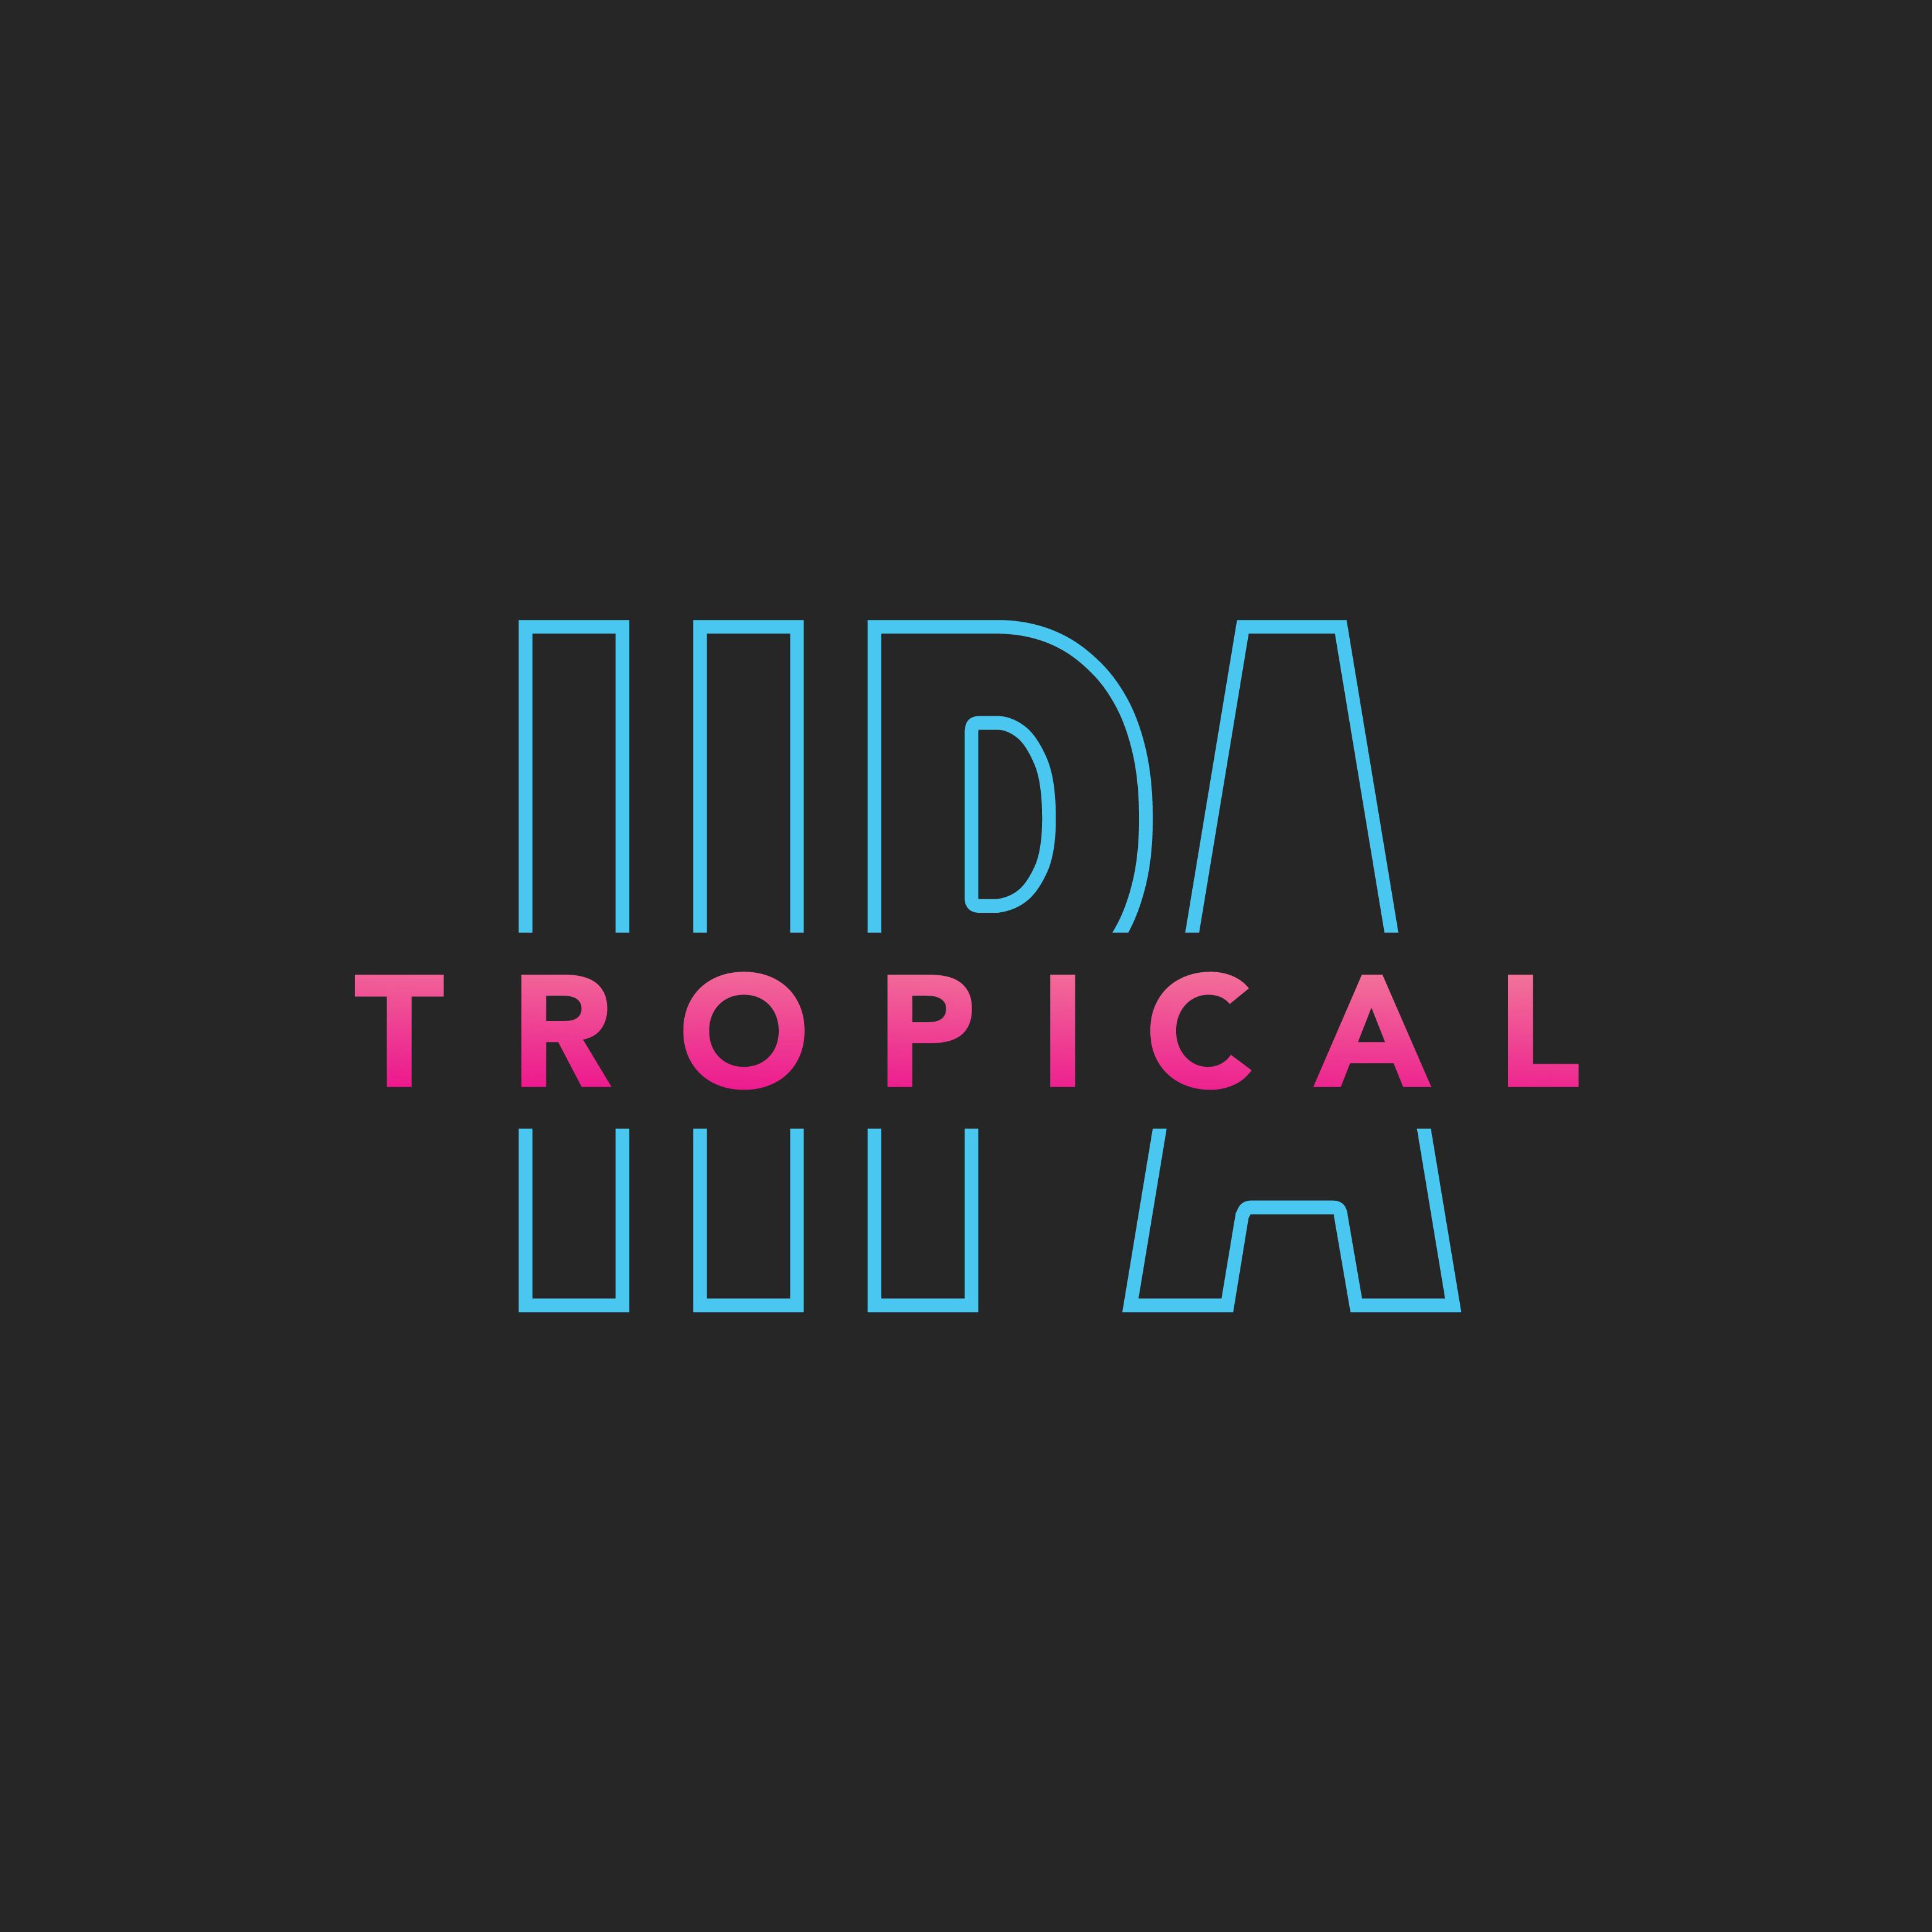 TROPICAL IIPA